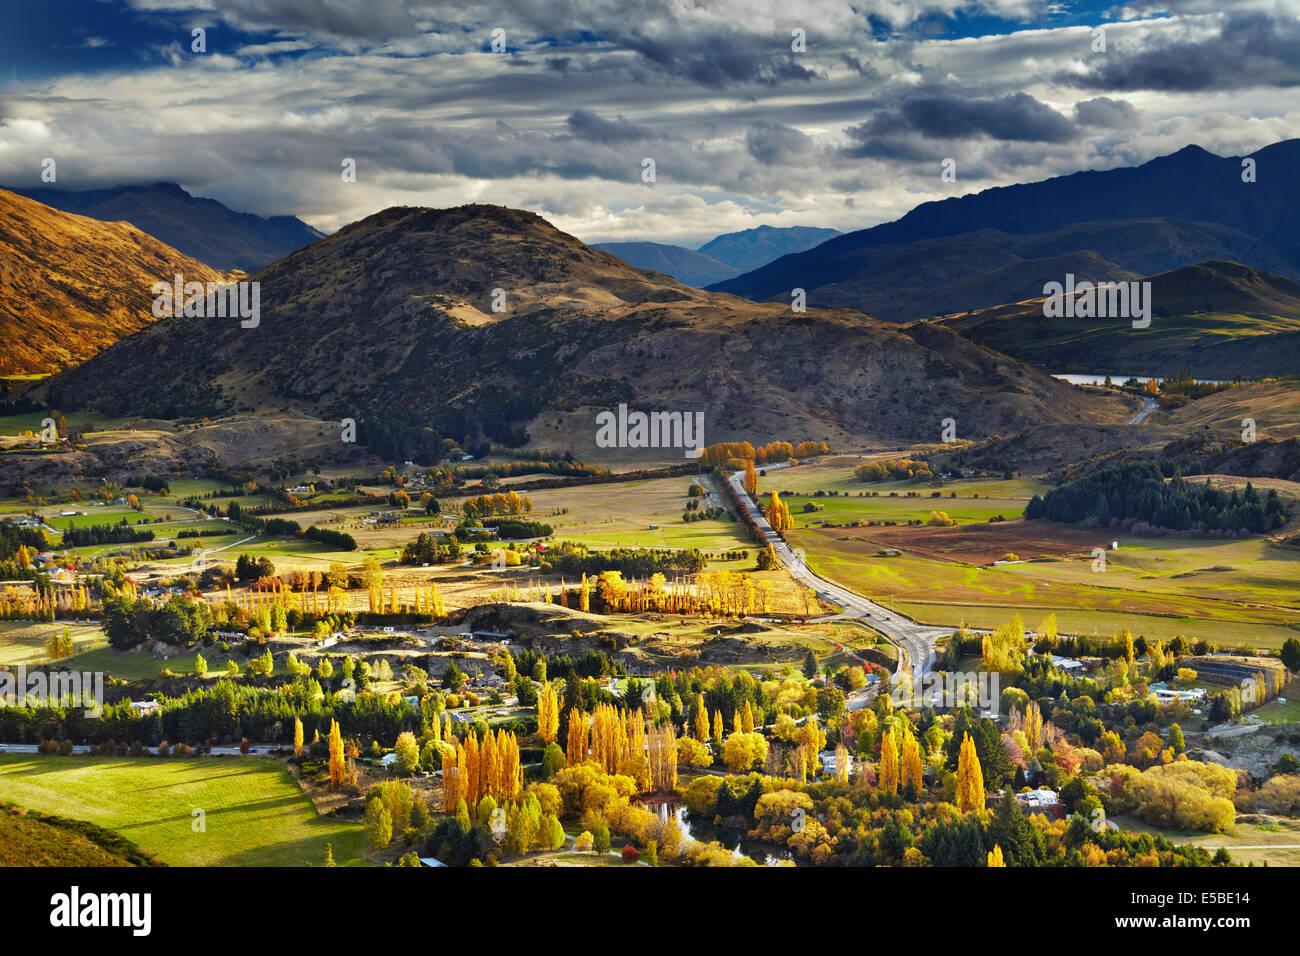 Paesaggio di montagna, vicino a Queenstown, Nuova Zelanda Immagini Stock